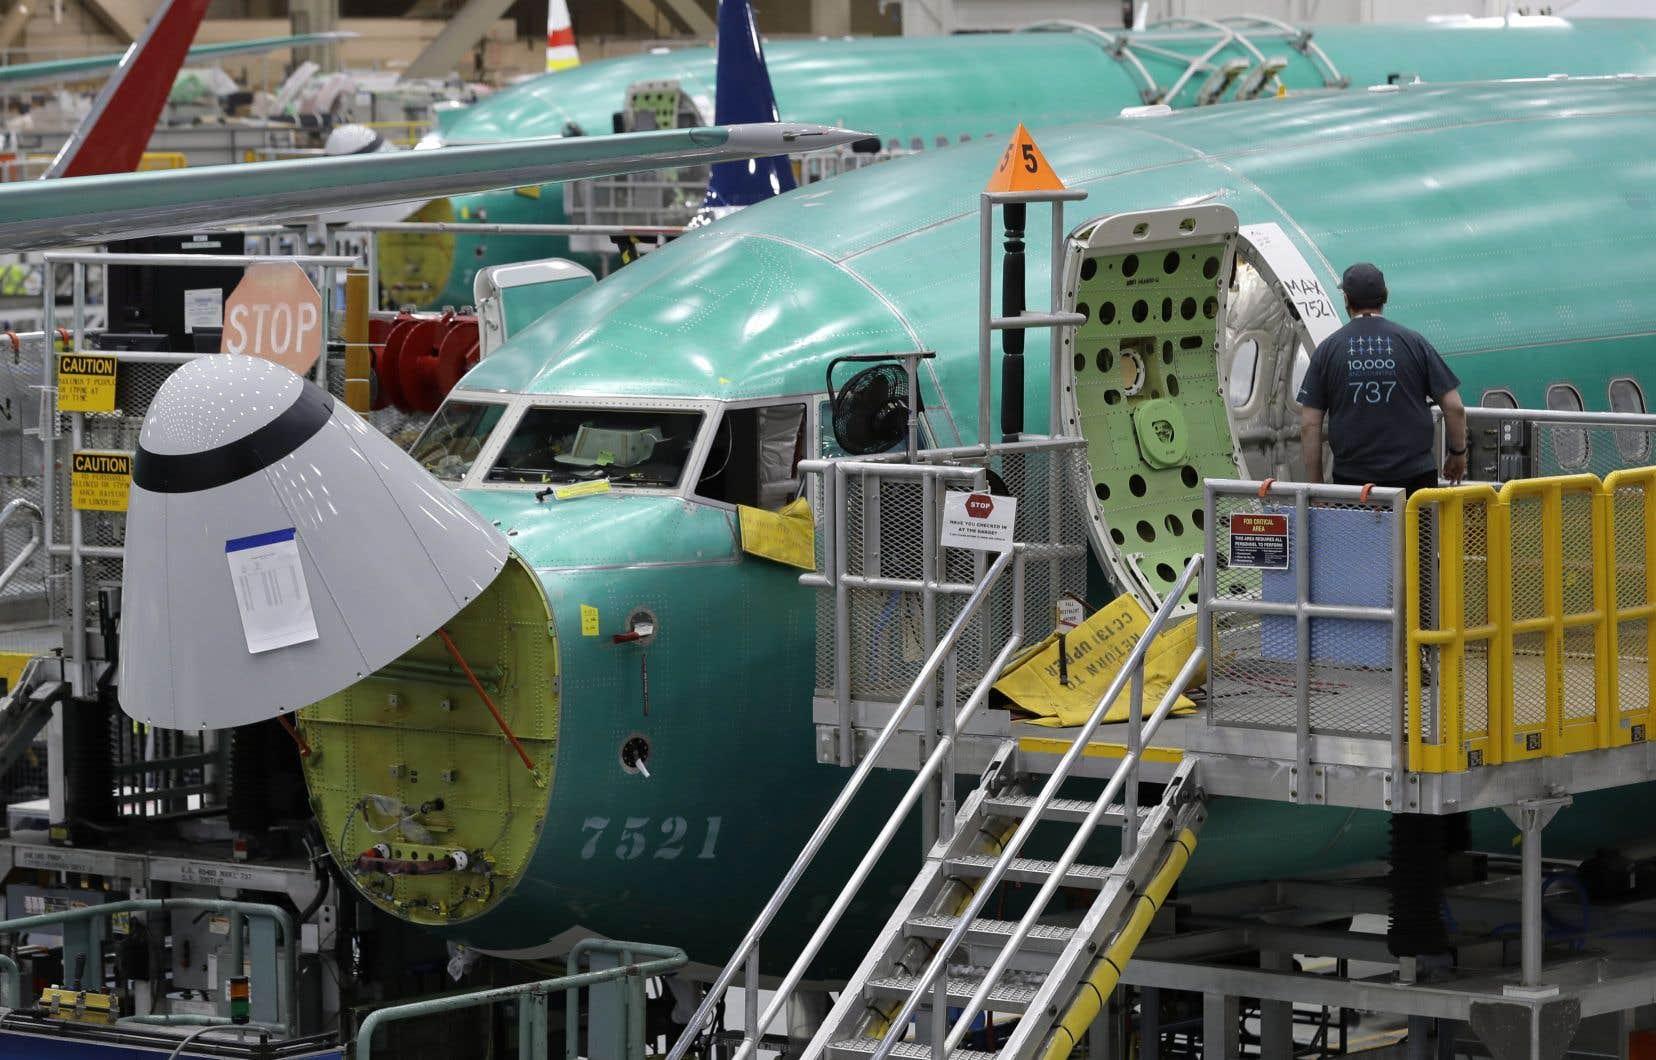 La suspension de la production de l'avion 737 MAX de Boeingannoncée lundi a fait des vagues sur le marché, suscitant l'inquiétude des fournisseurs.